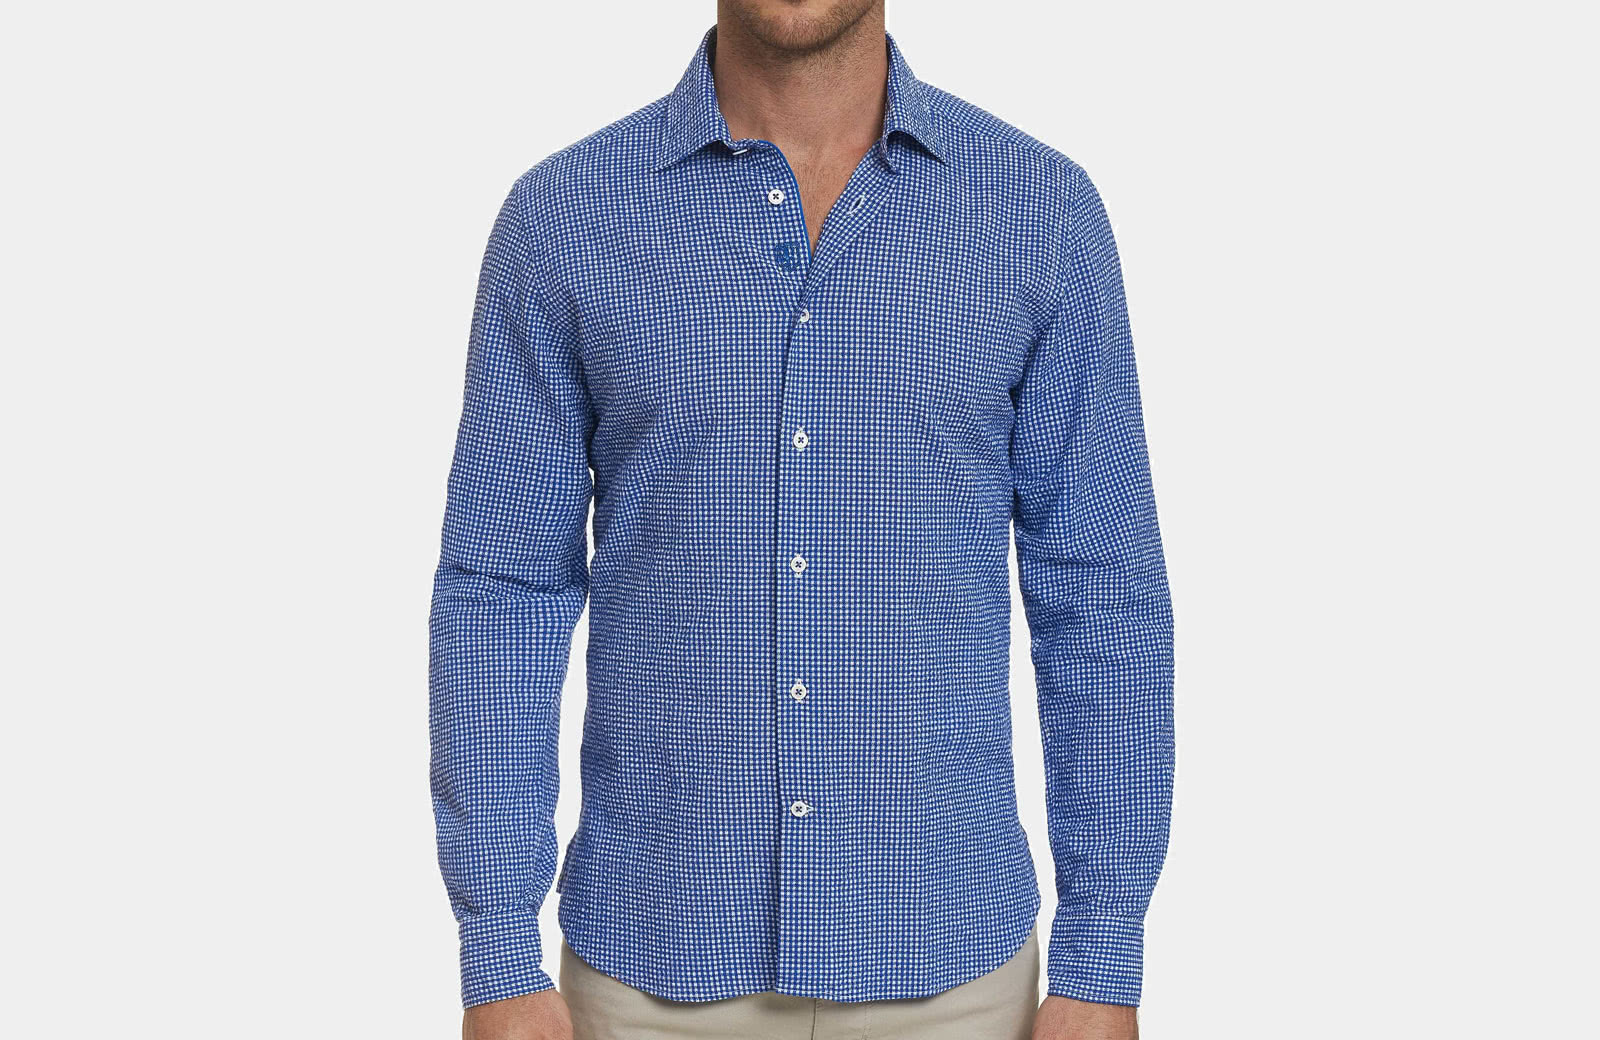 Robert Graham best men summer designer shirt blue checks - Luxe Digital